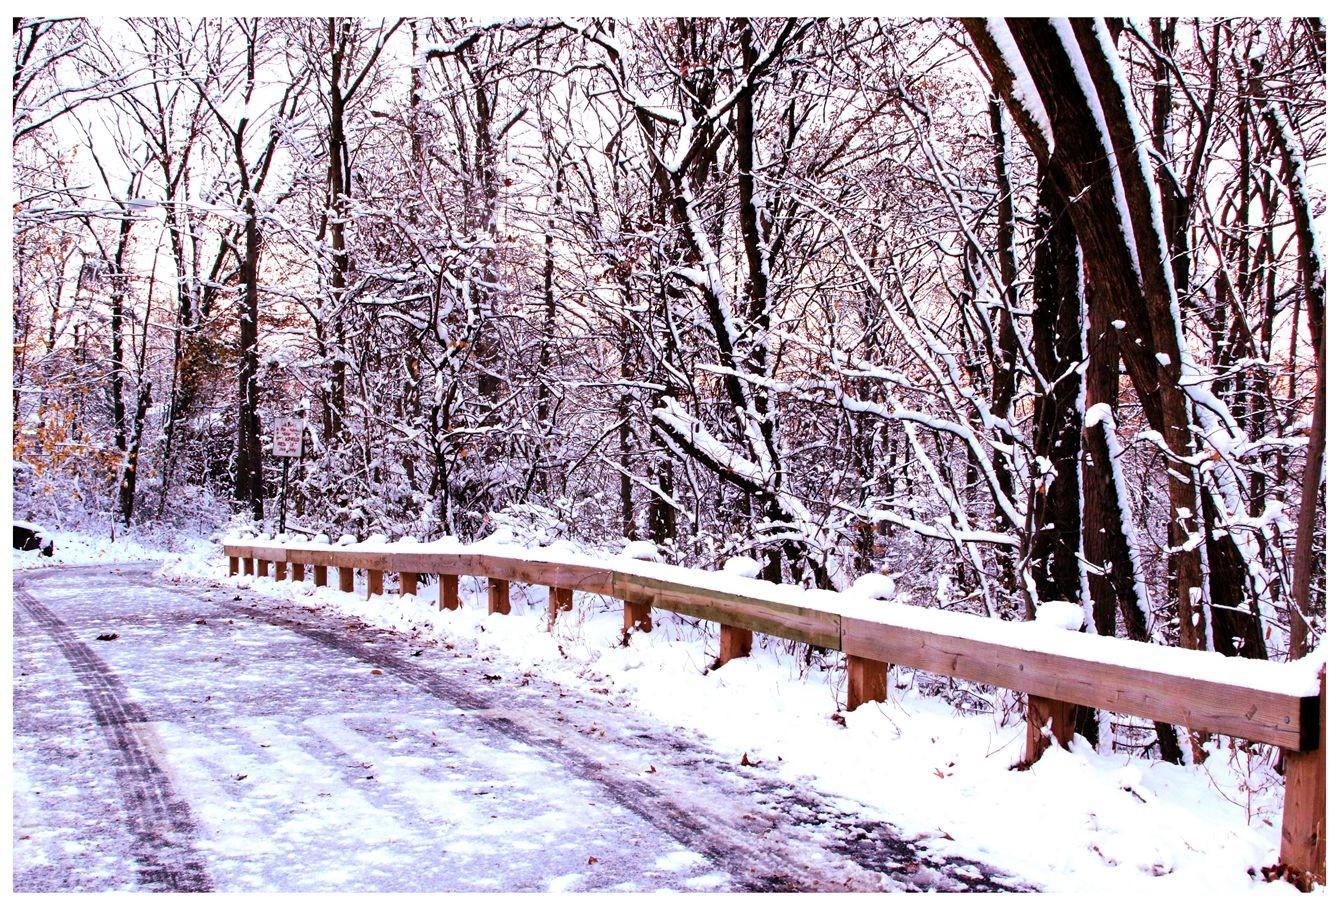 纽约地区入冬首雪景色迷人_图1-14